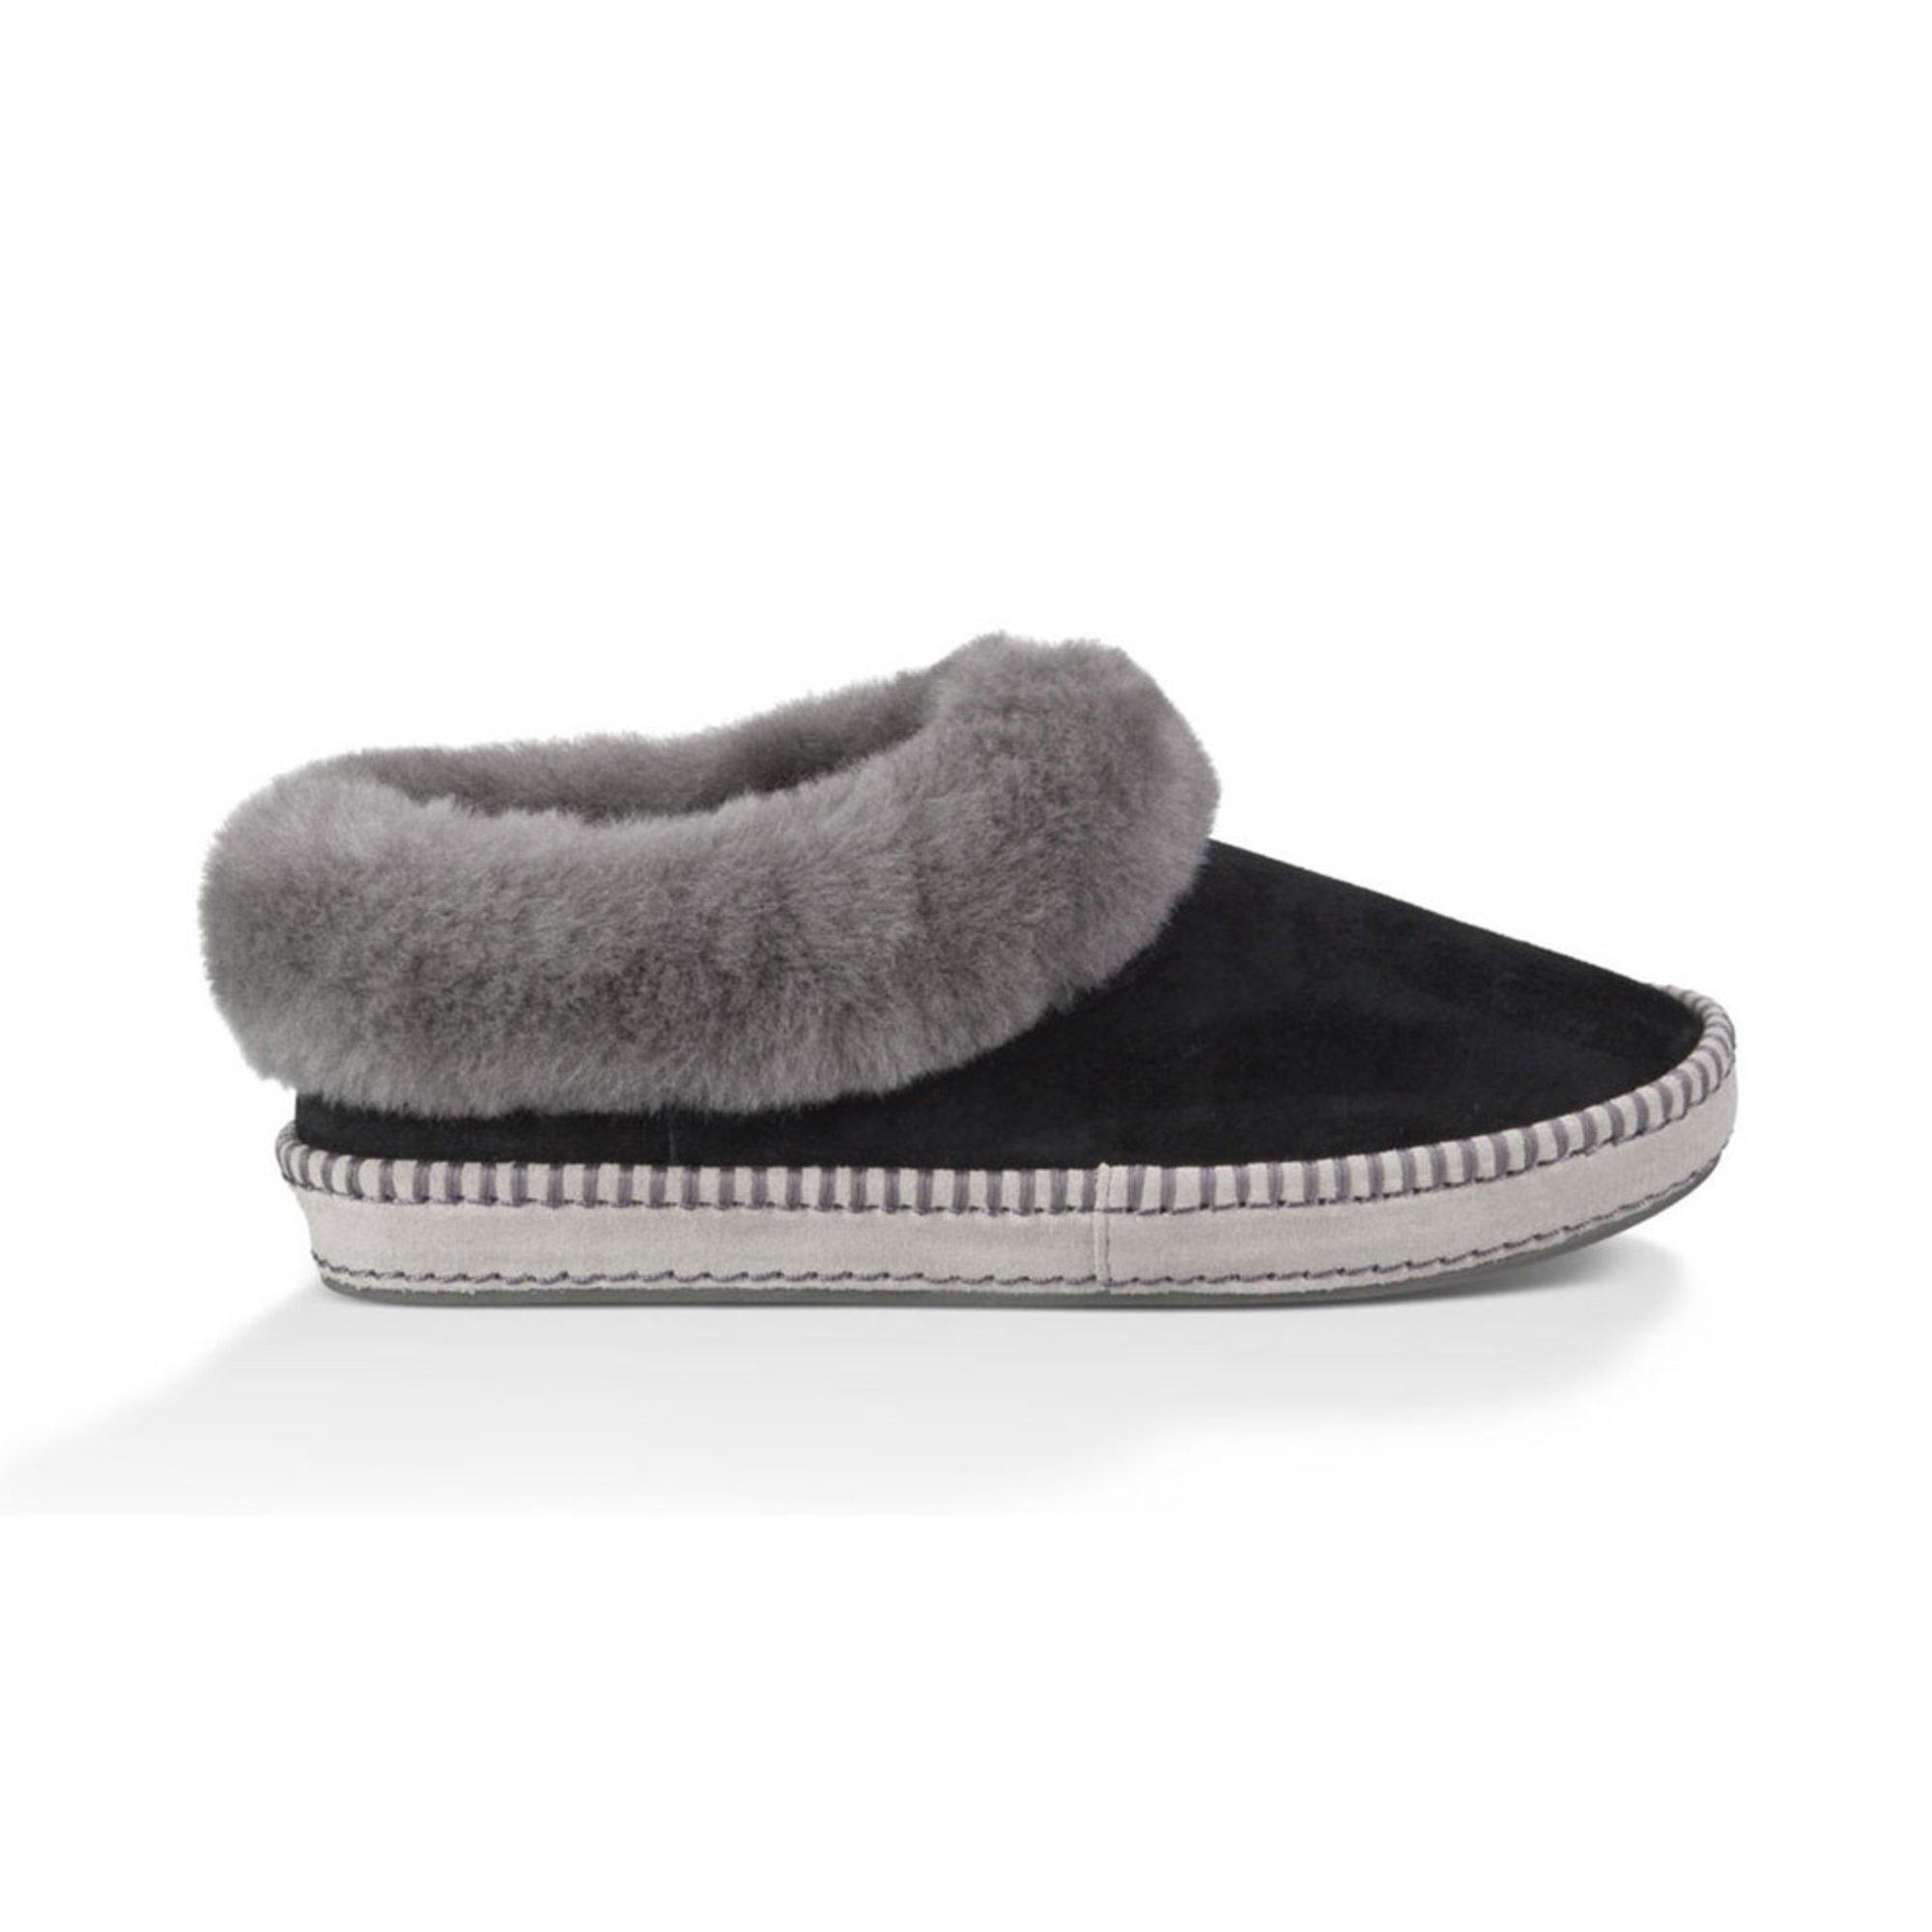 4891ddce25 Ugg Women's Wrin Sheepskin Slipper | Women's Slip On Shoes | Shoes ...